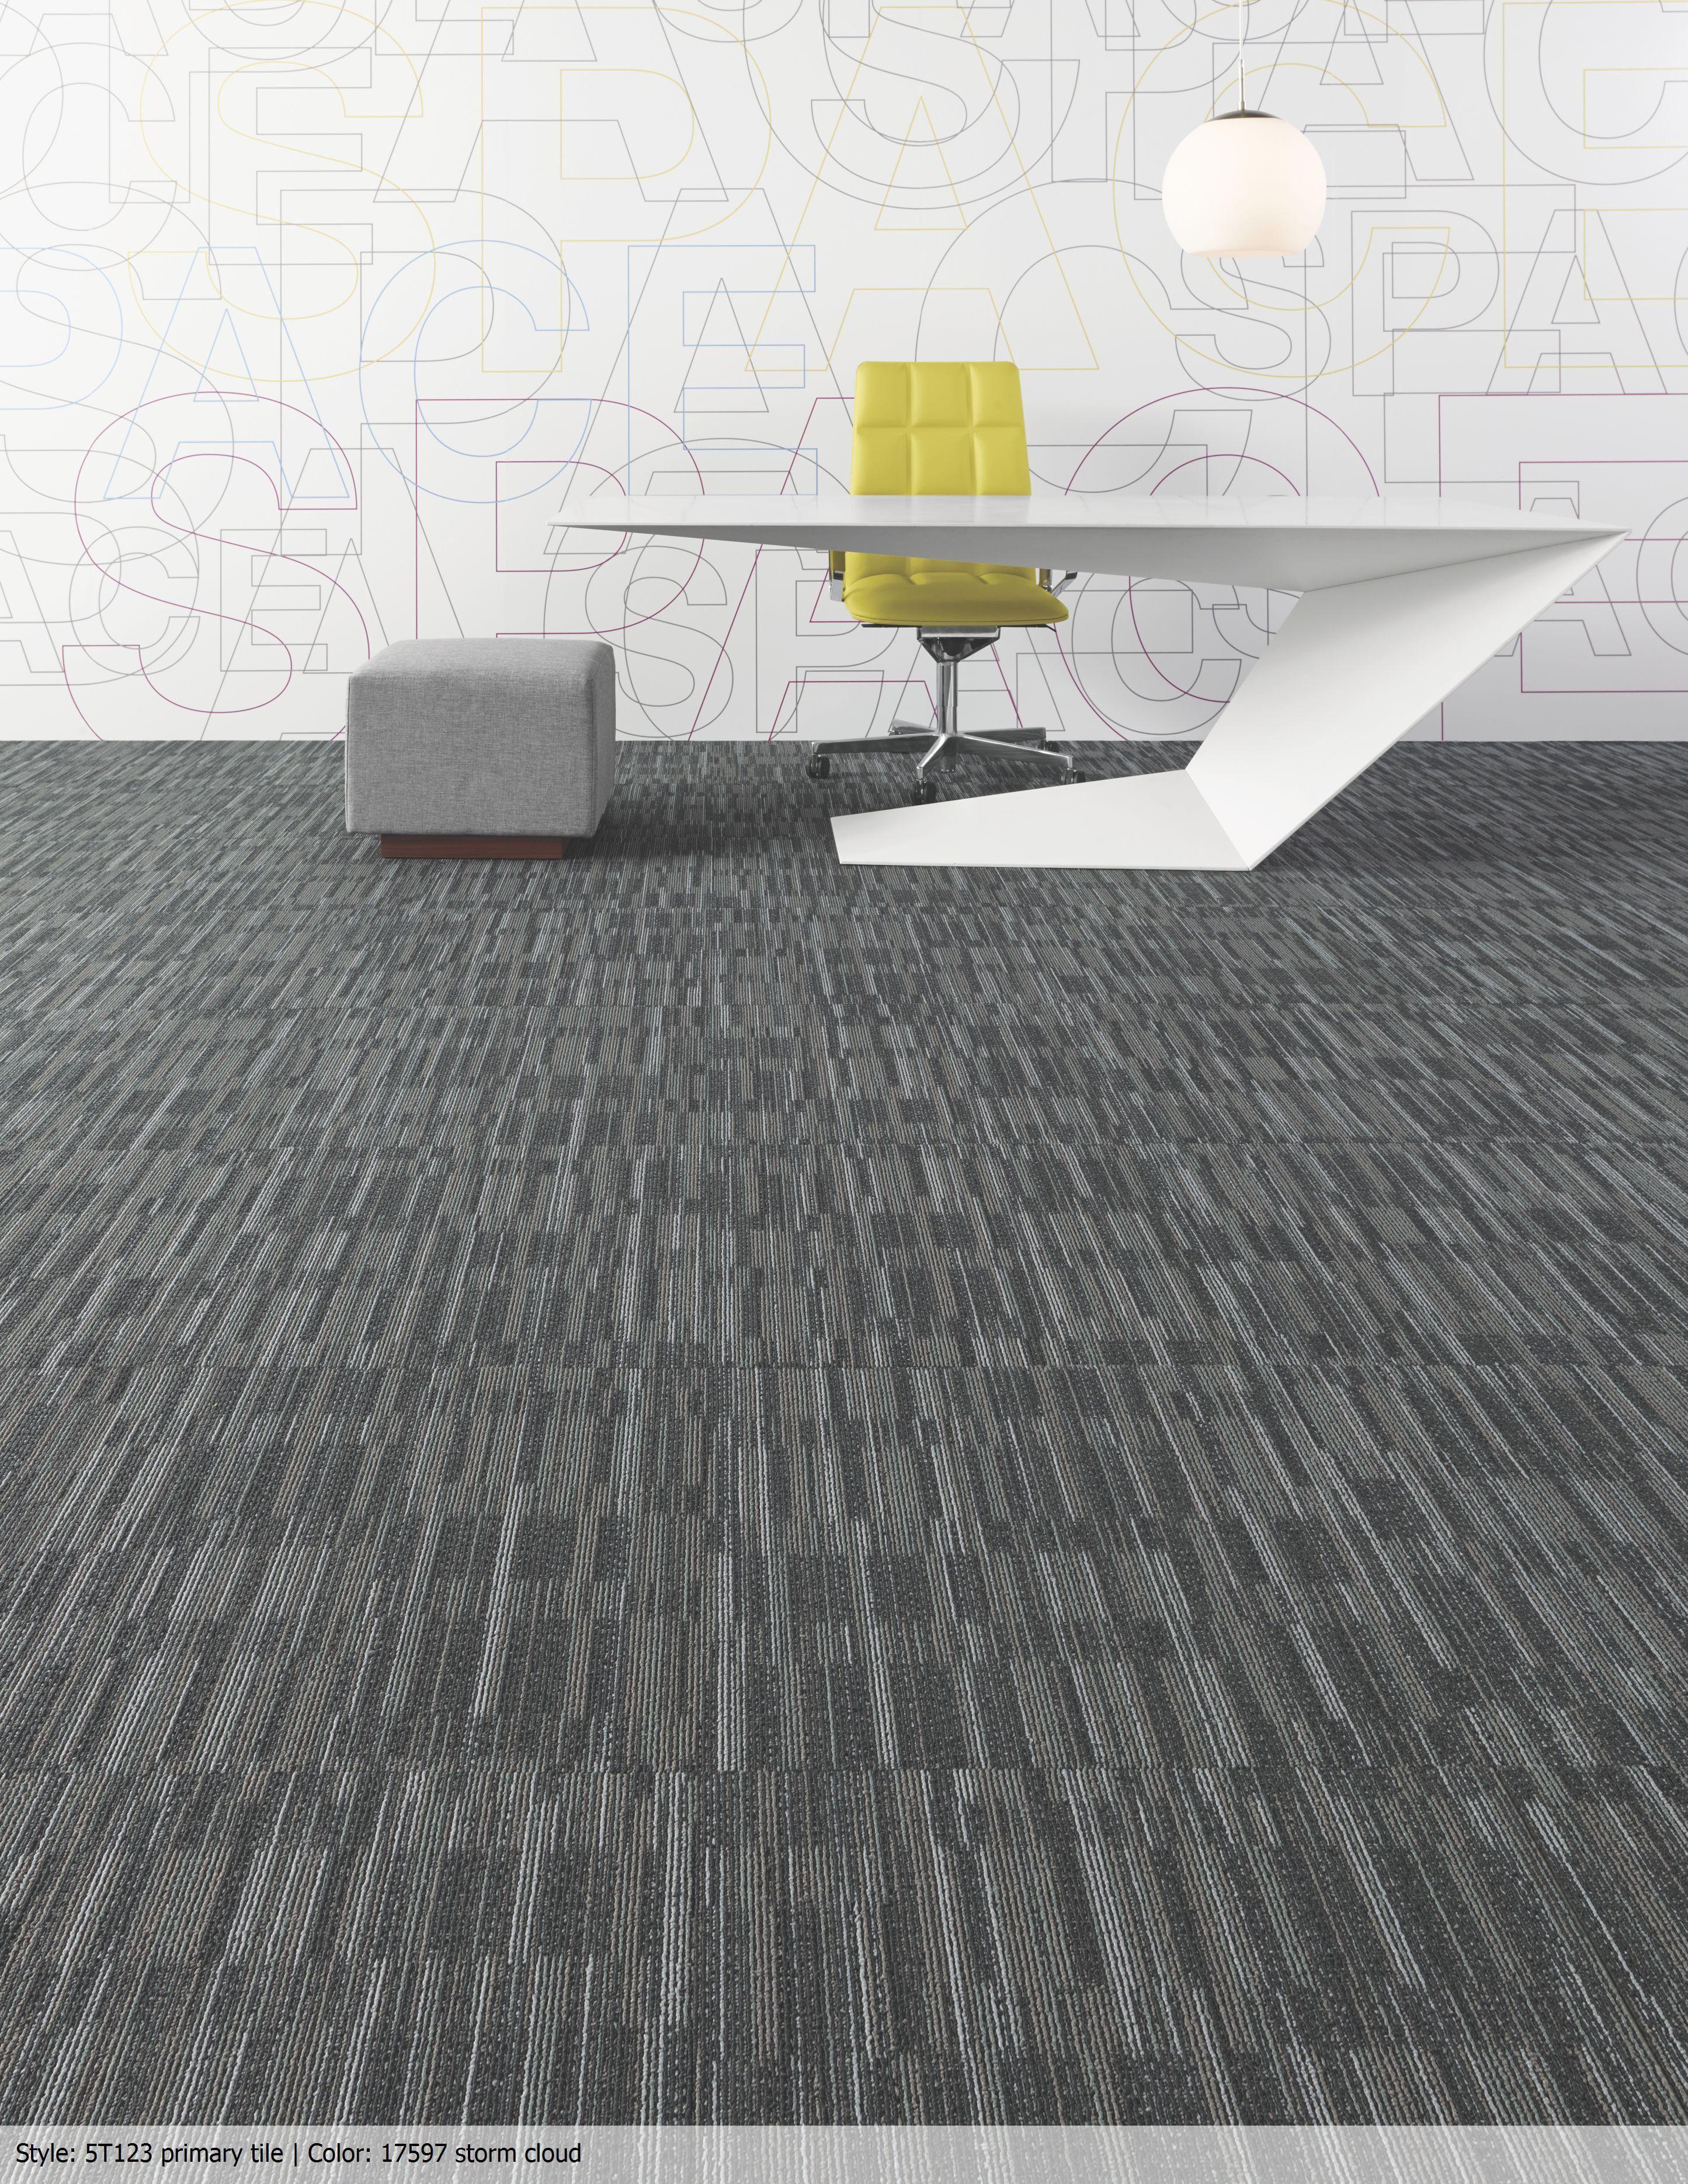 Home Shaw Contract Shaw Carpet Tile Carpet Tiles Carpet